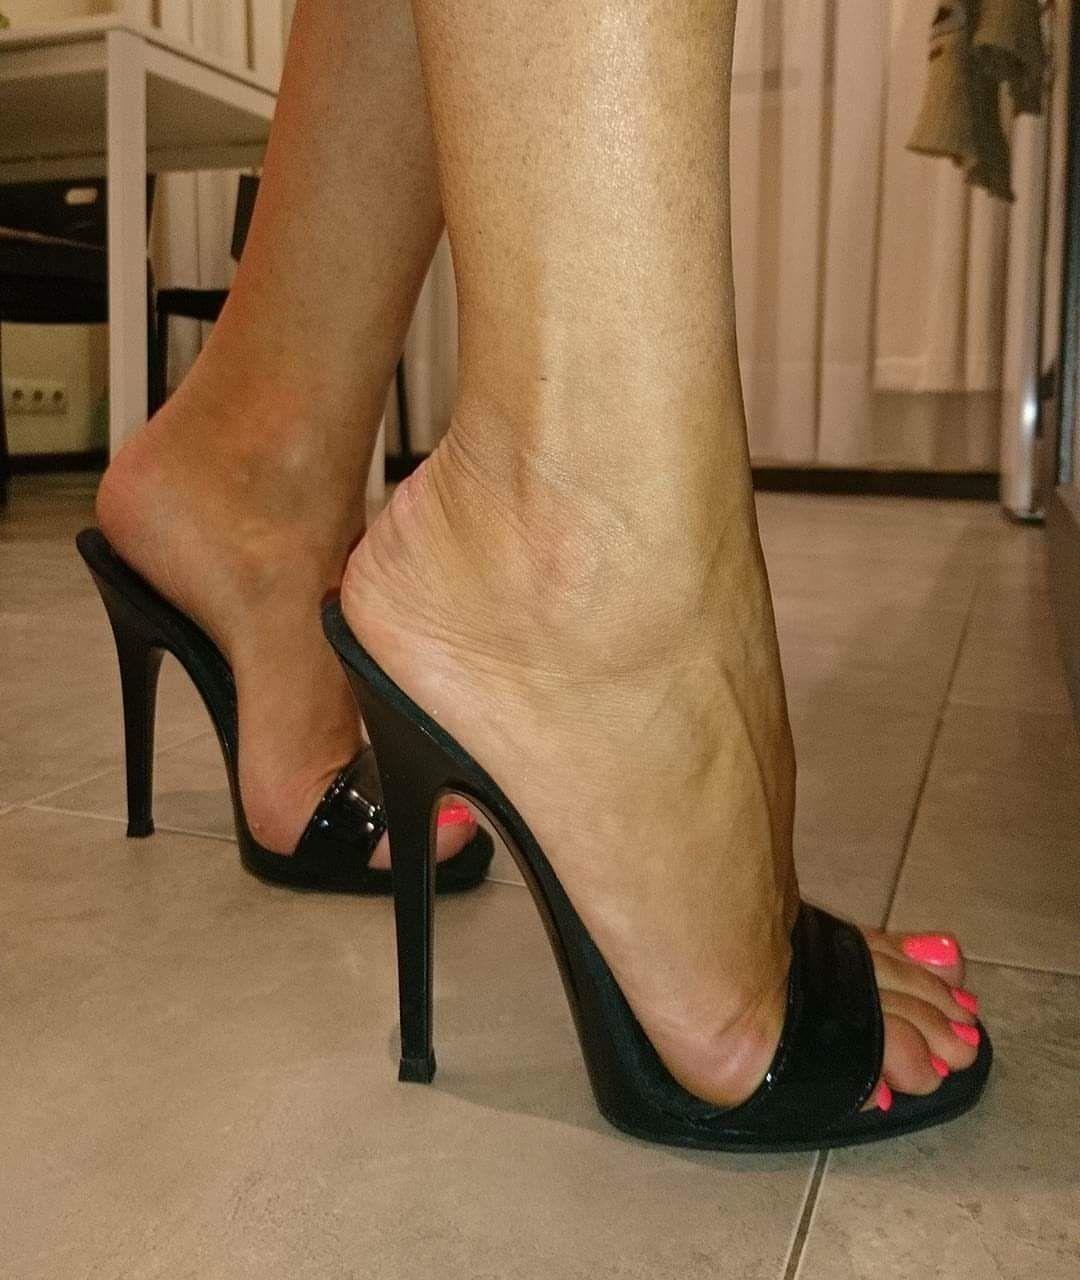 #mules   Shoes   High heels, Heels, Sexy legs, heels